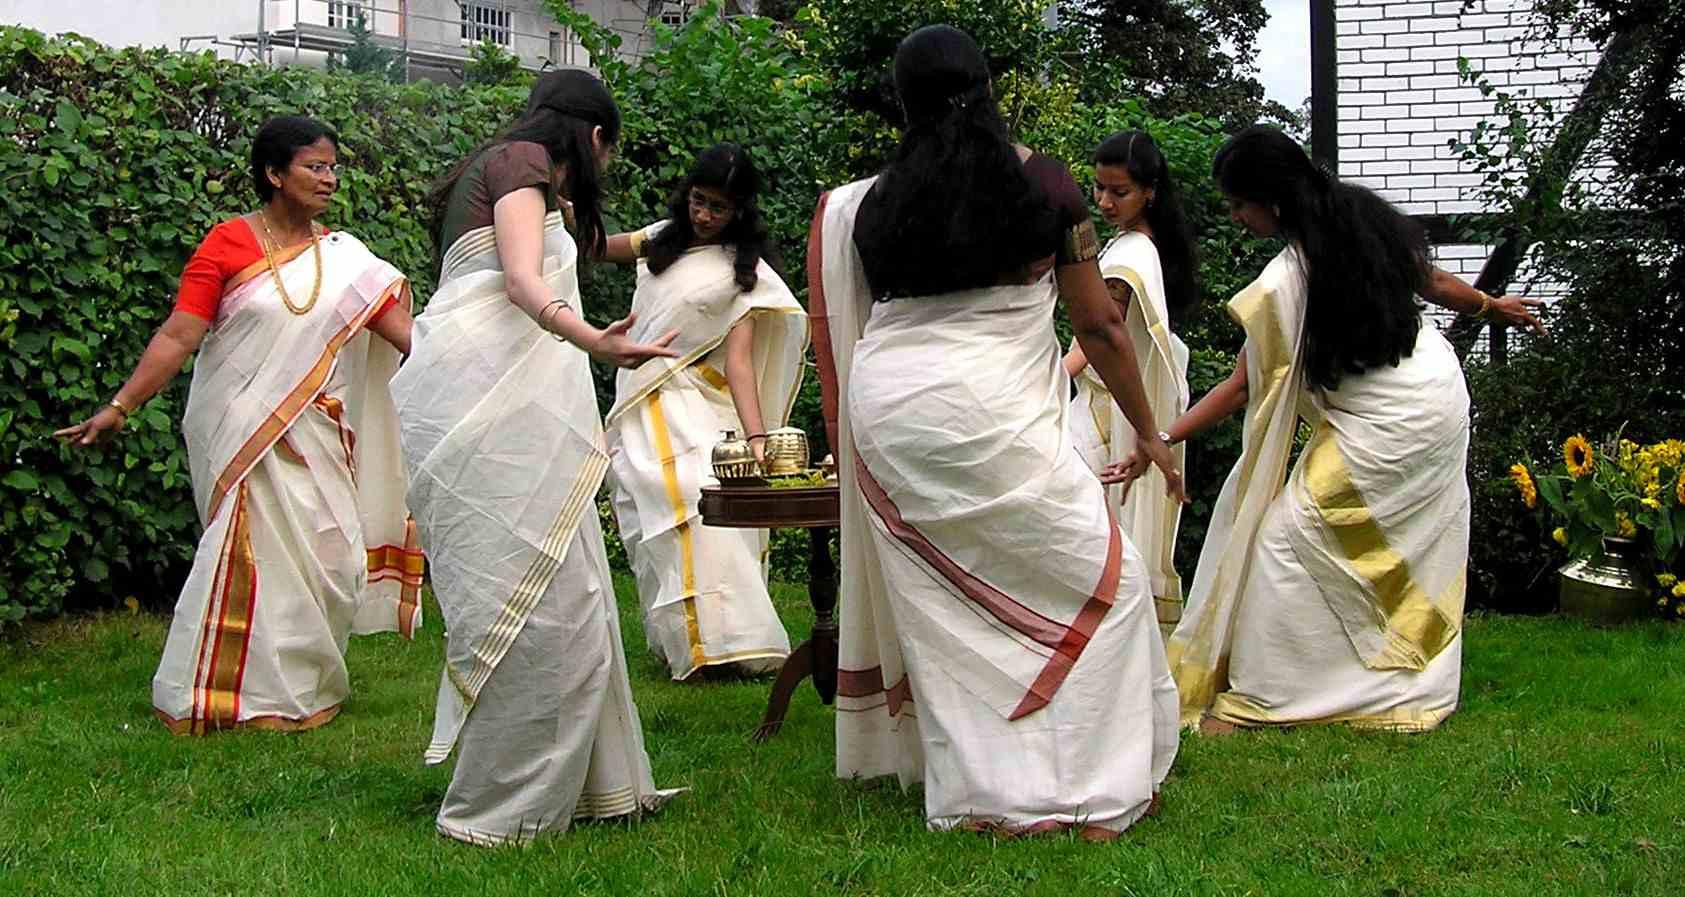 Frauen die Teilnahme an Thiruvathira Kali aus den Onam Feiern